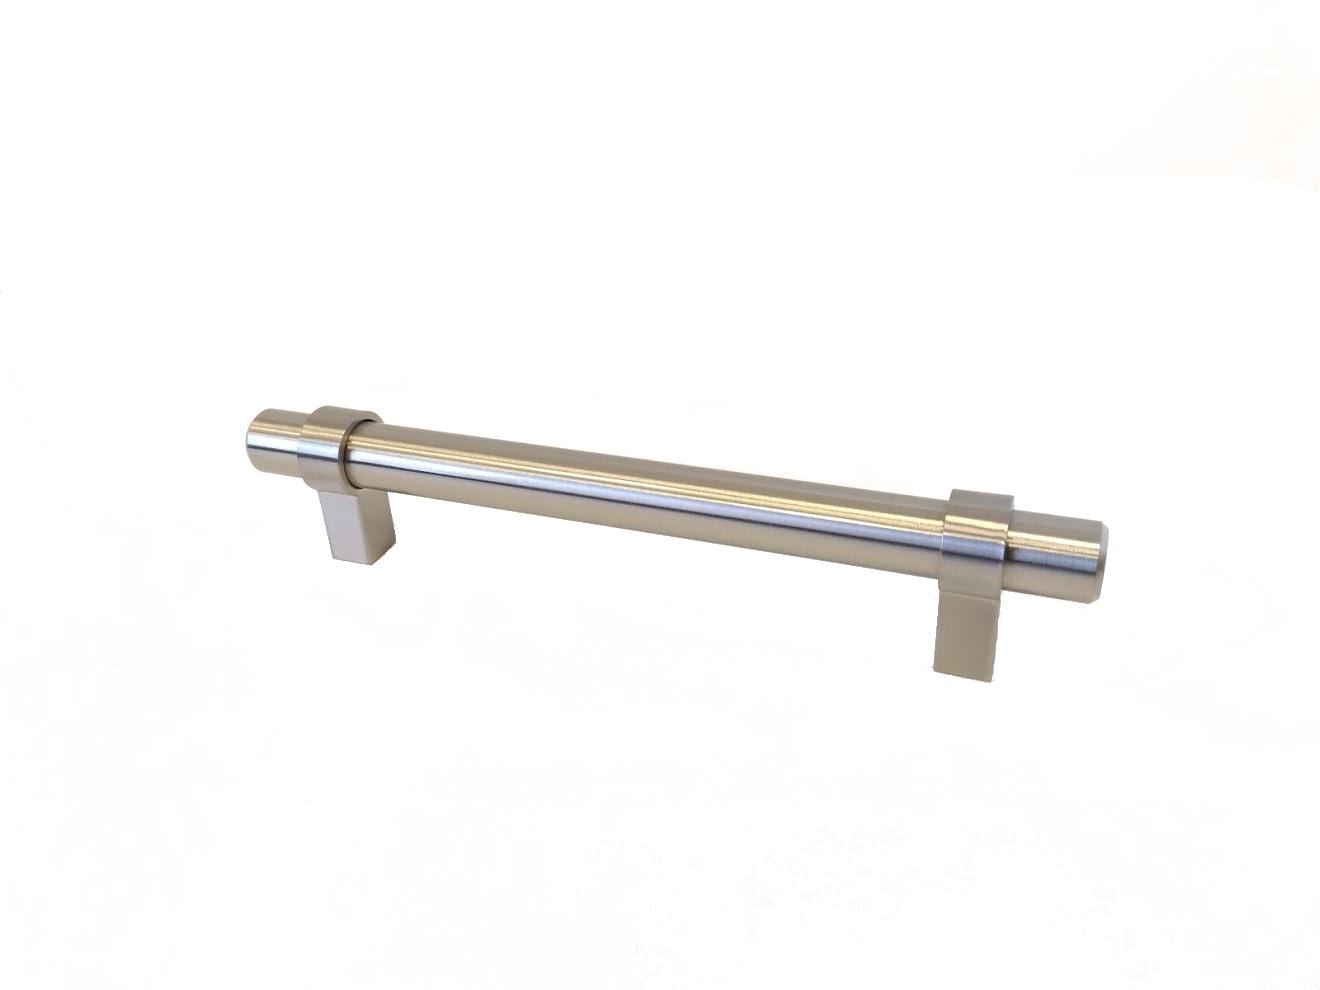 Baldų rankenėlė R00054 (128mm, šlifuotas plienas)